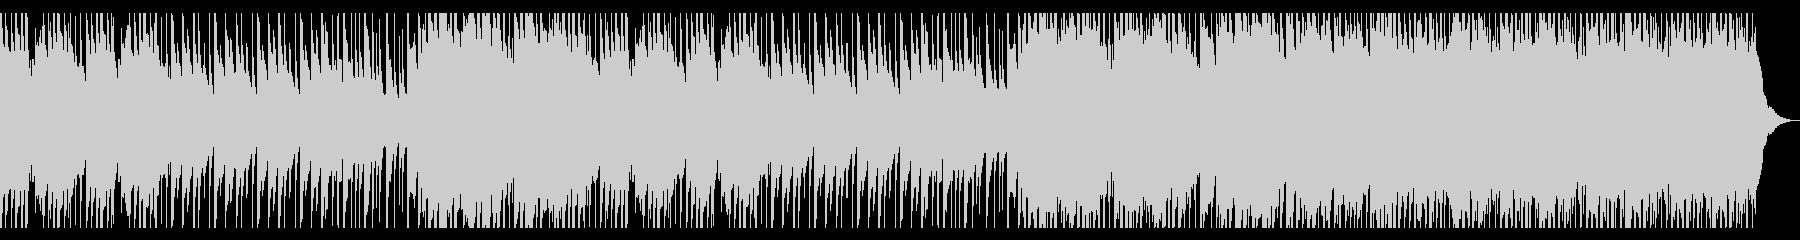 和風ピアノバラード 桜・別れ・卒業の未再生の波形